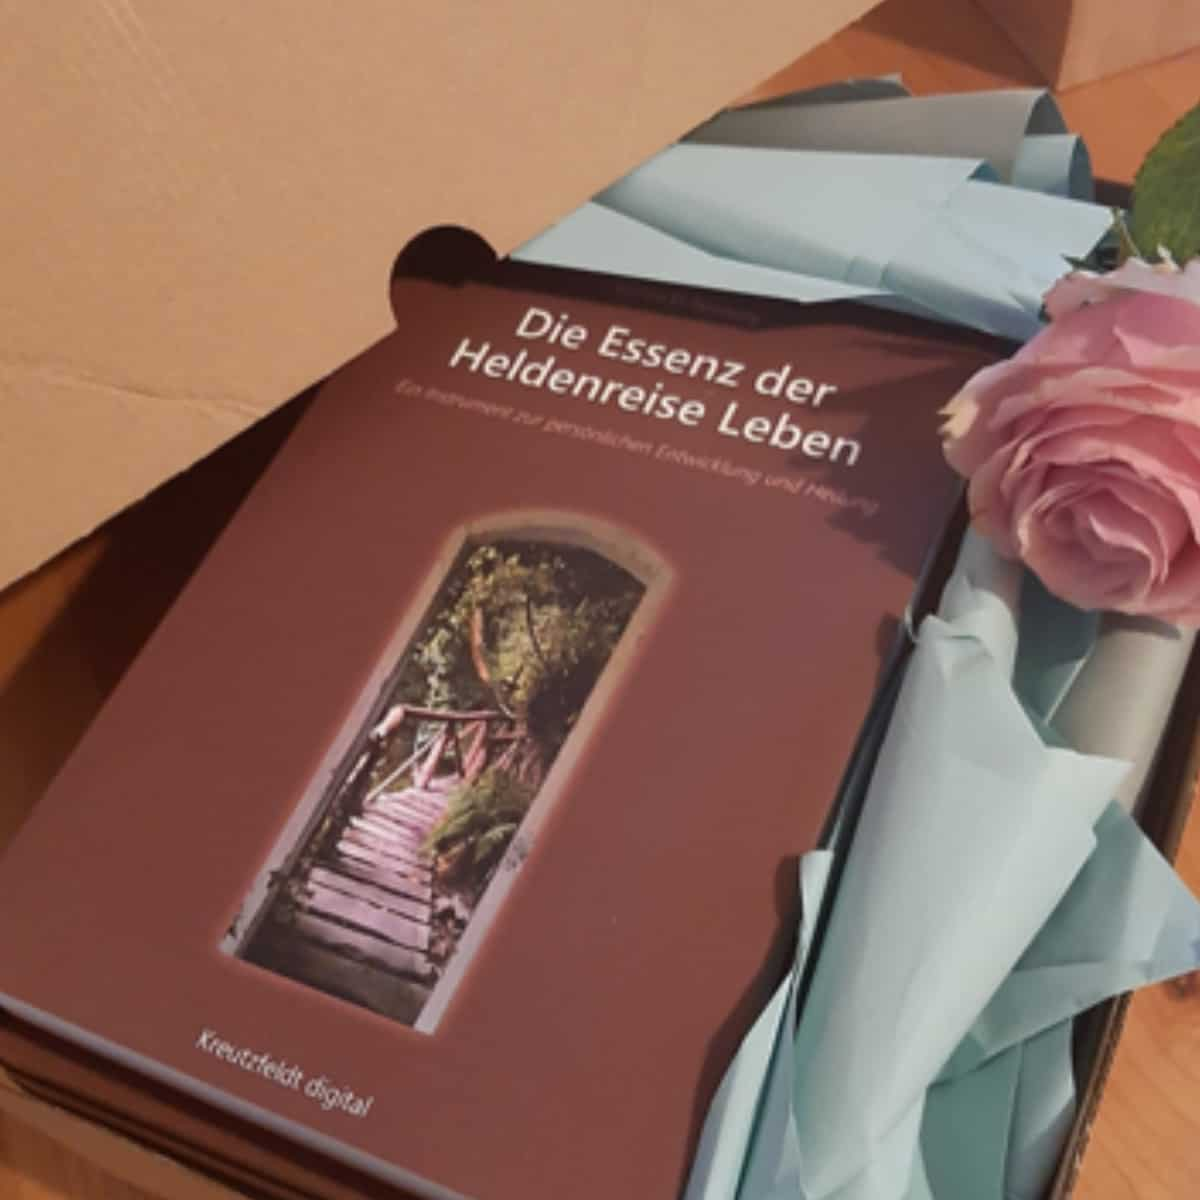 Buch Titel Die Essenz der Heldenreise Leben von Carina El-Nomany